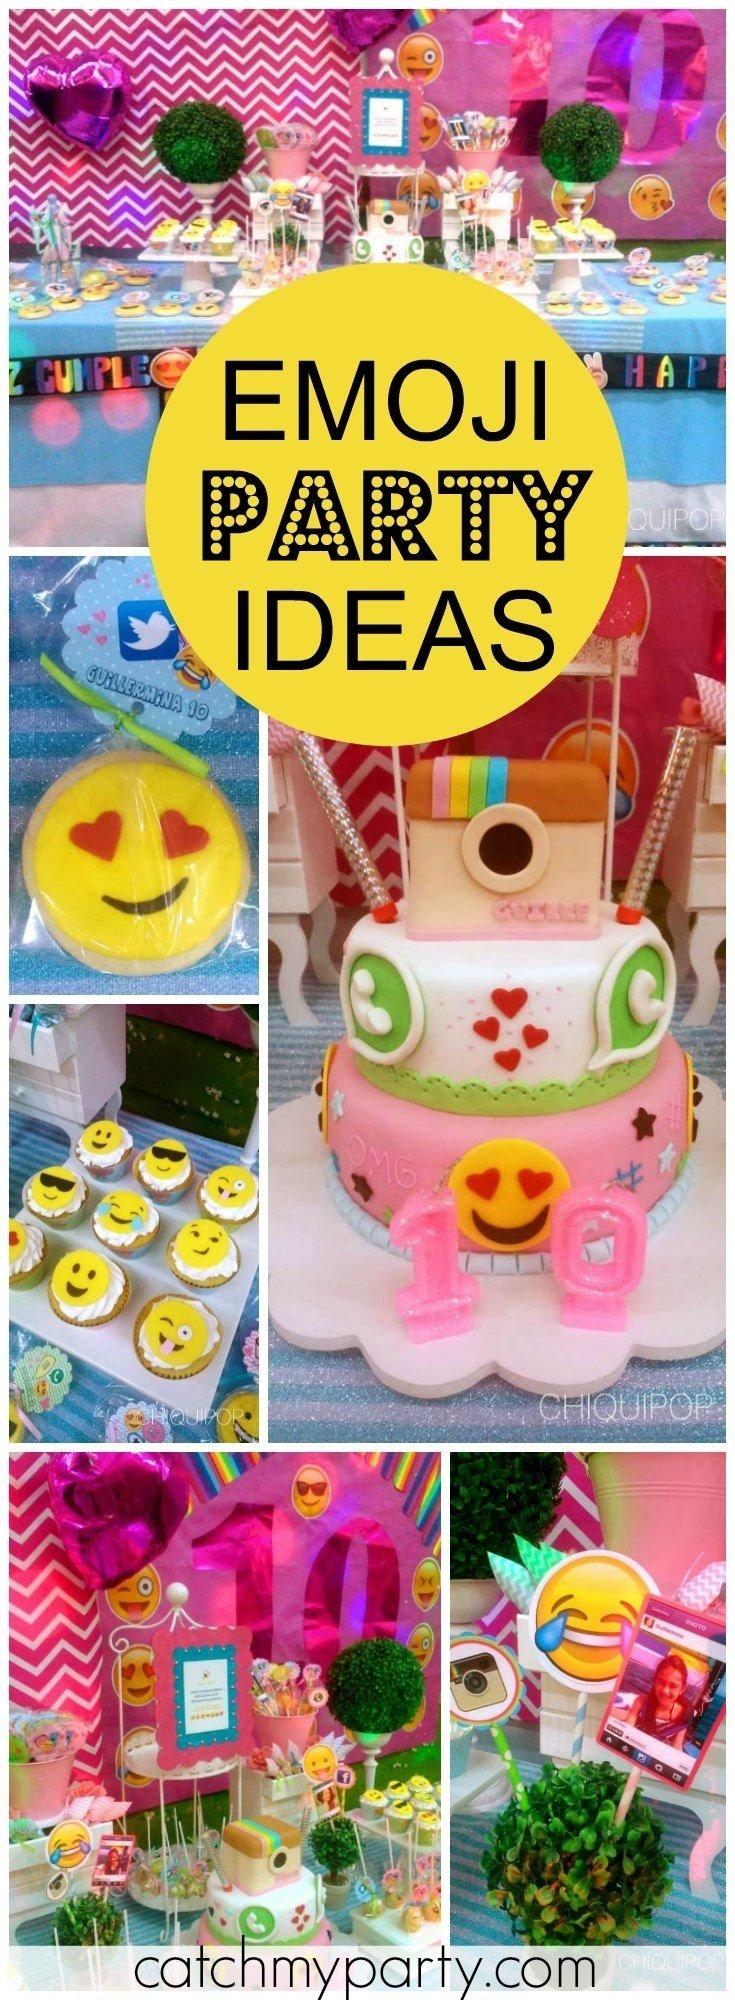 10 Wonderful Fun 13Th Birthday Party Ideas insta face emoji birthday a fun holiday for guillerminas 10th 5